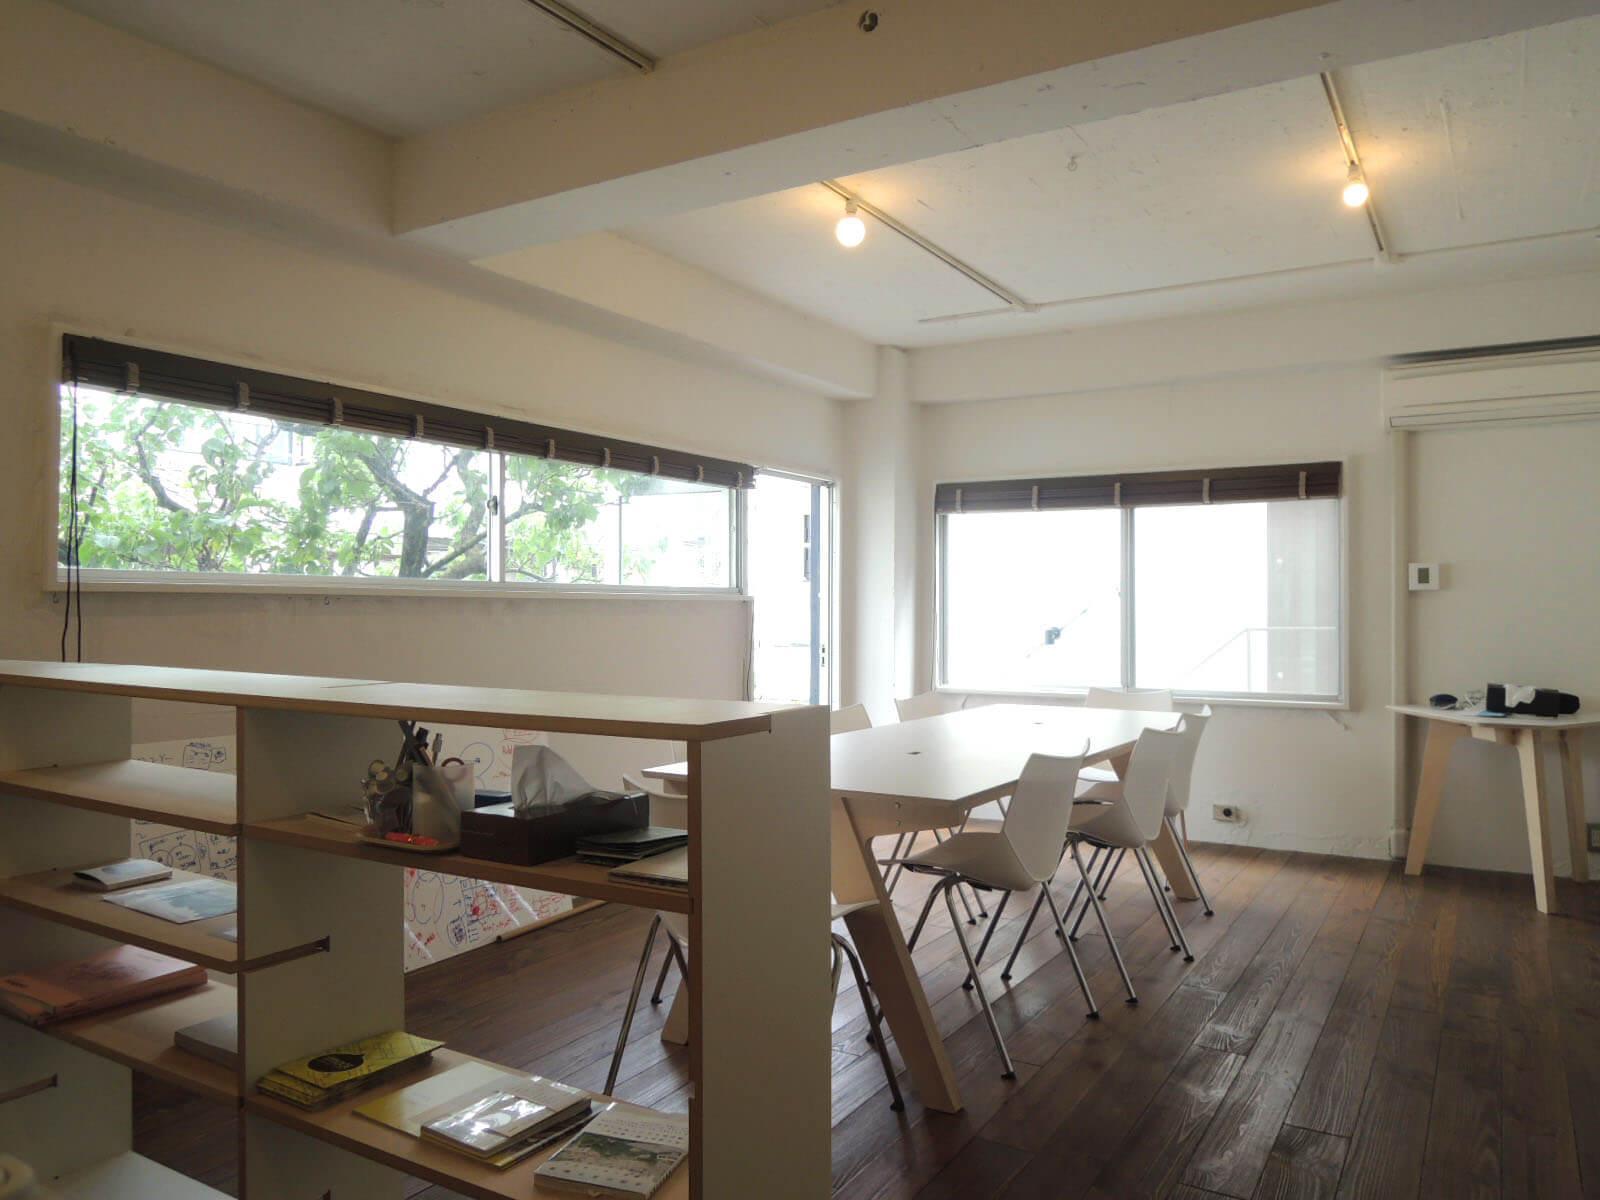 小さな部屋に、2面つながる窓の効果は大きい。